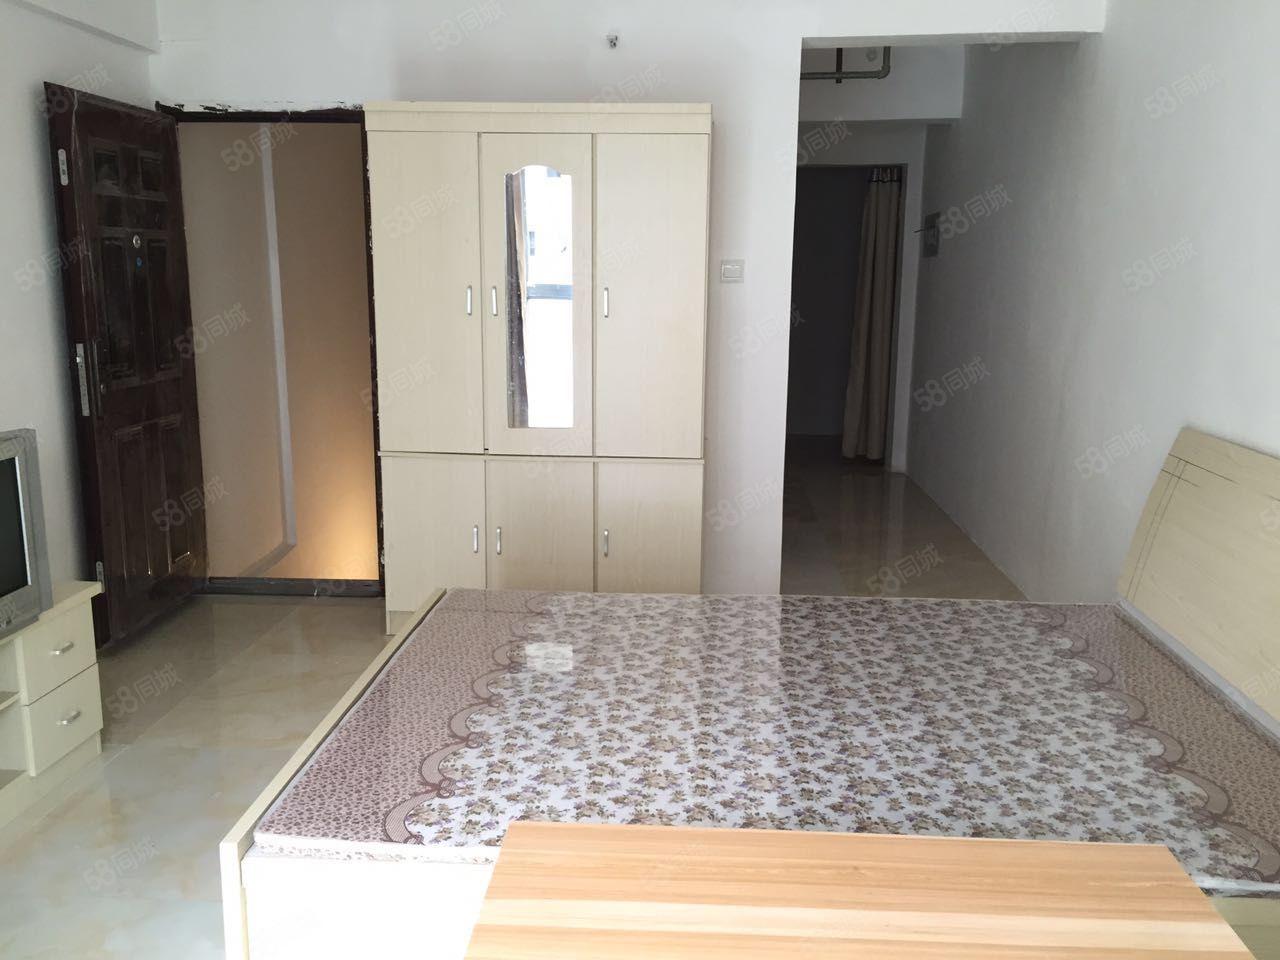 万景峰精装公寓有空调无中介可月付房间里有2个卧室